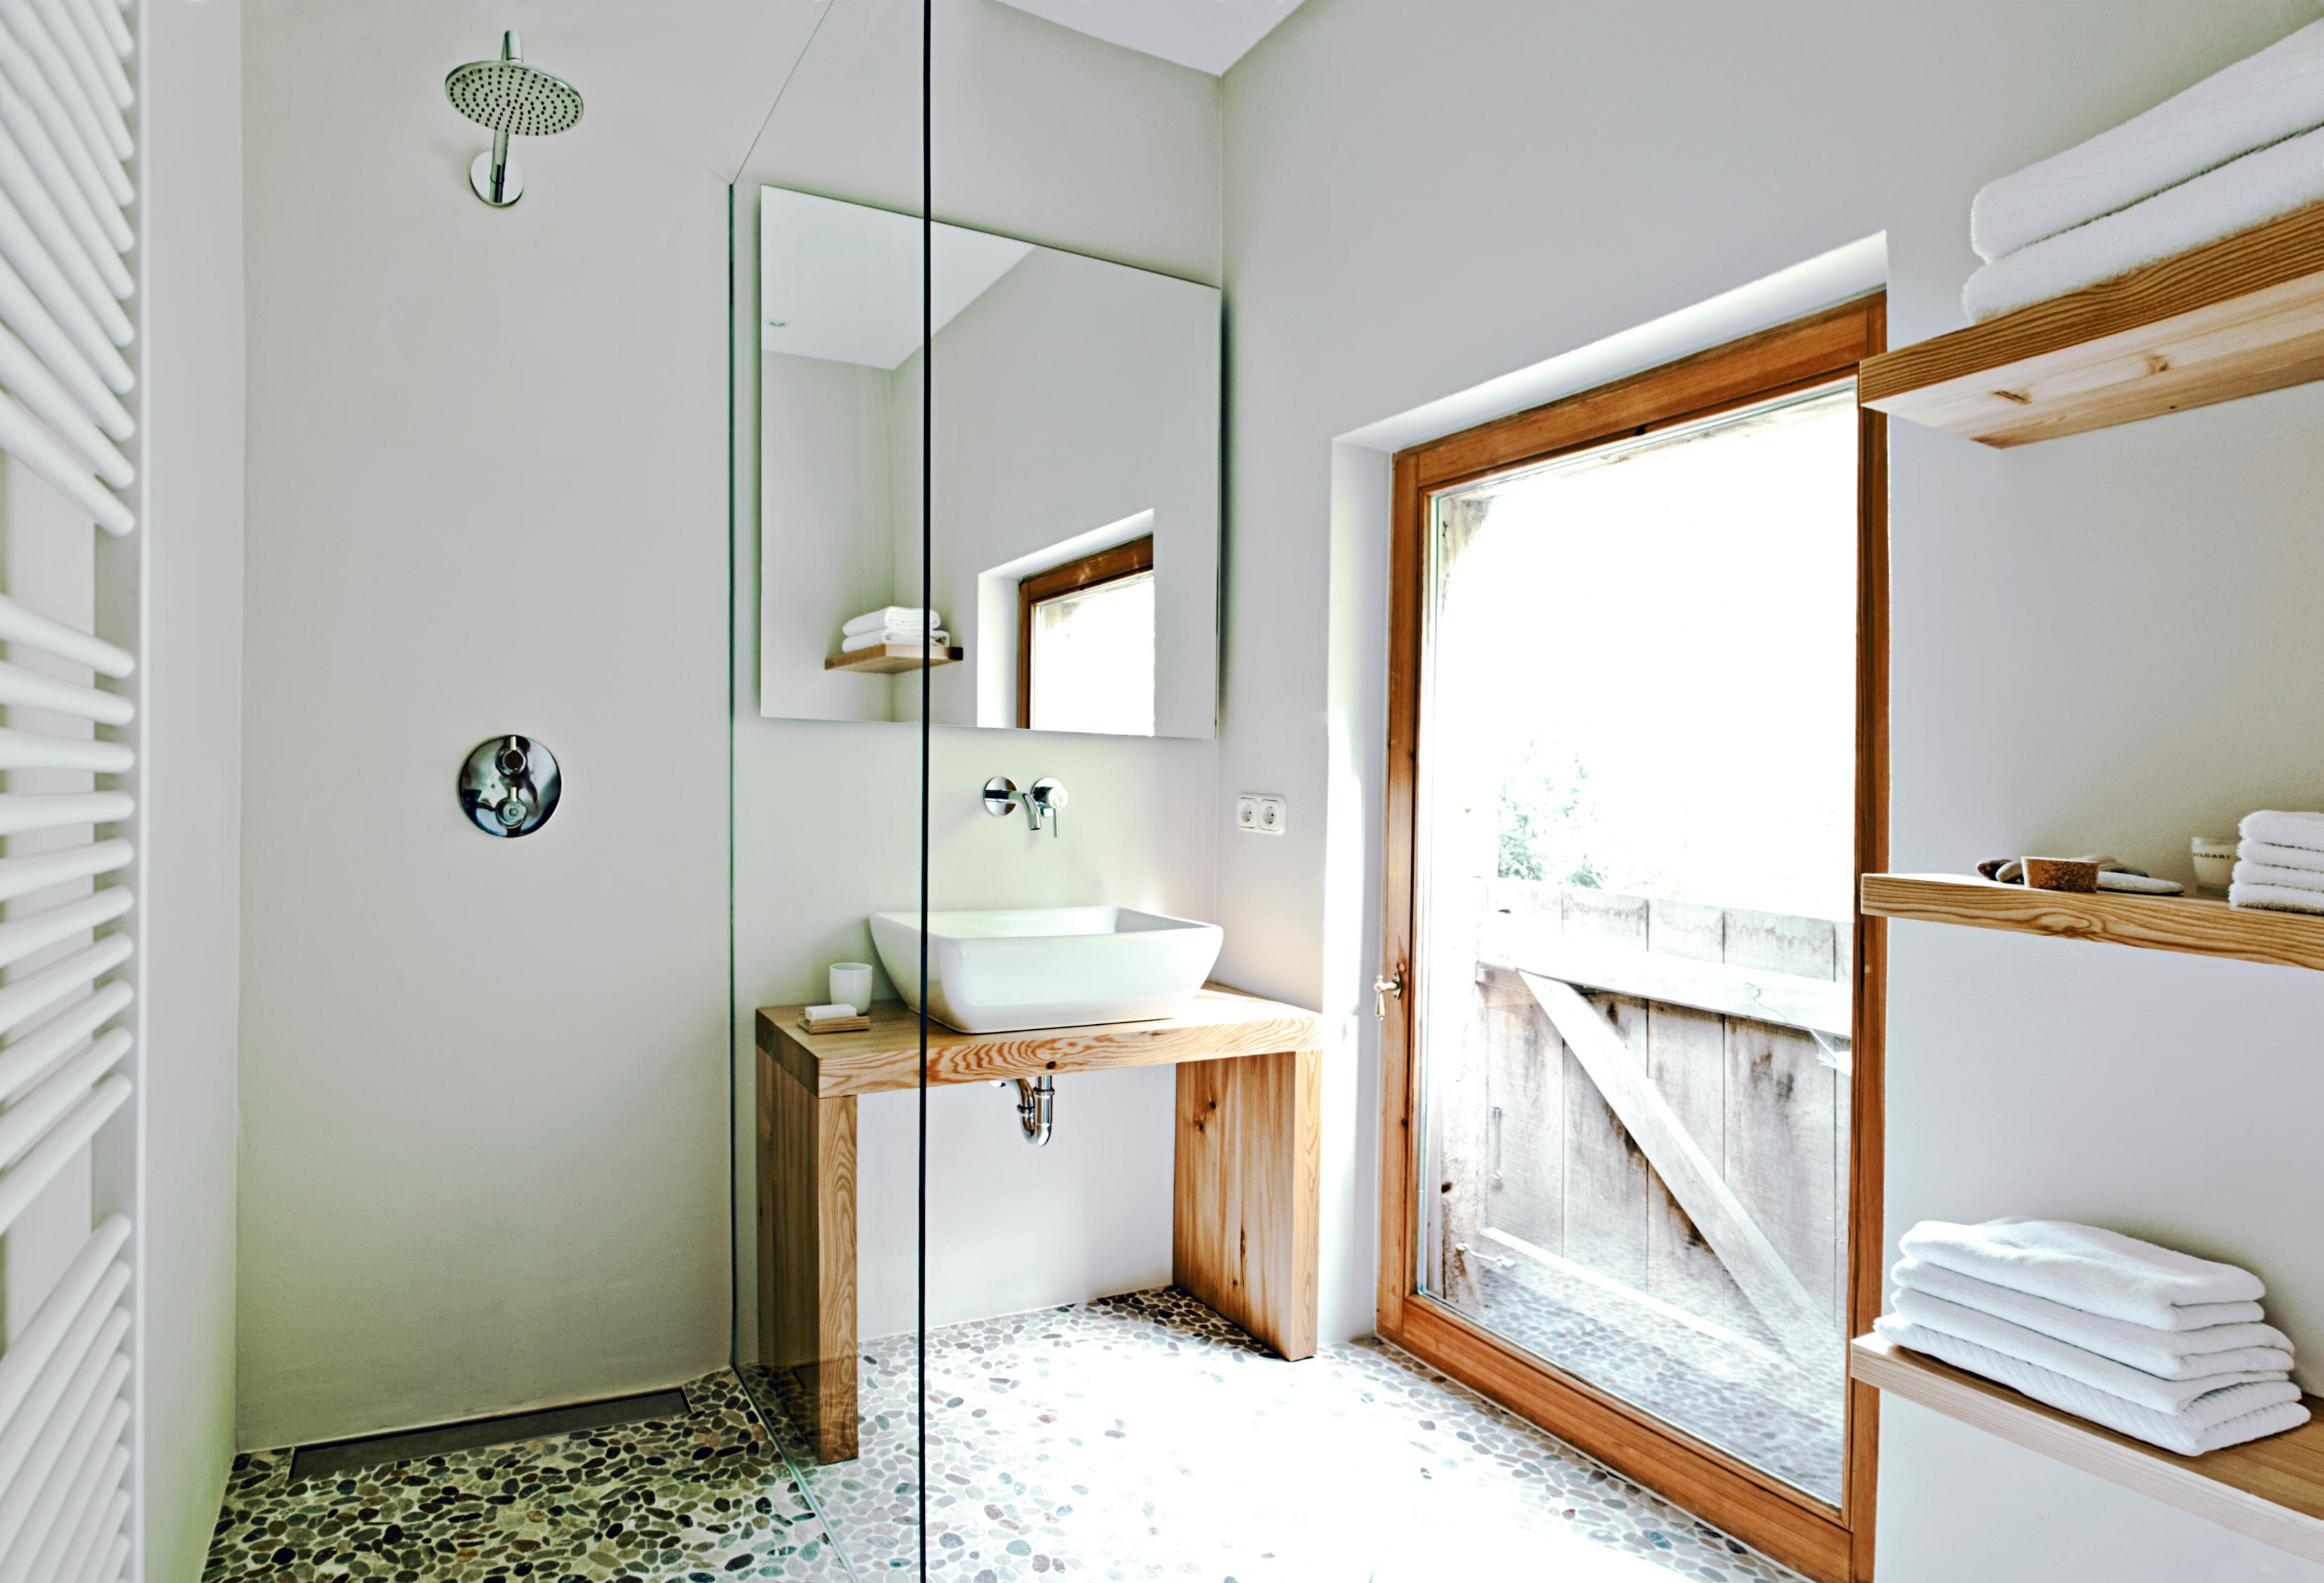 Badezimmer Im Landhausstil Mosaikfliesen Badezimme